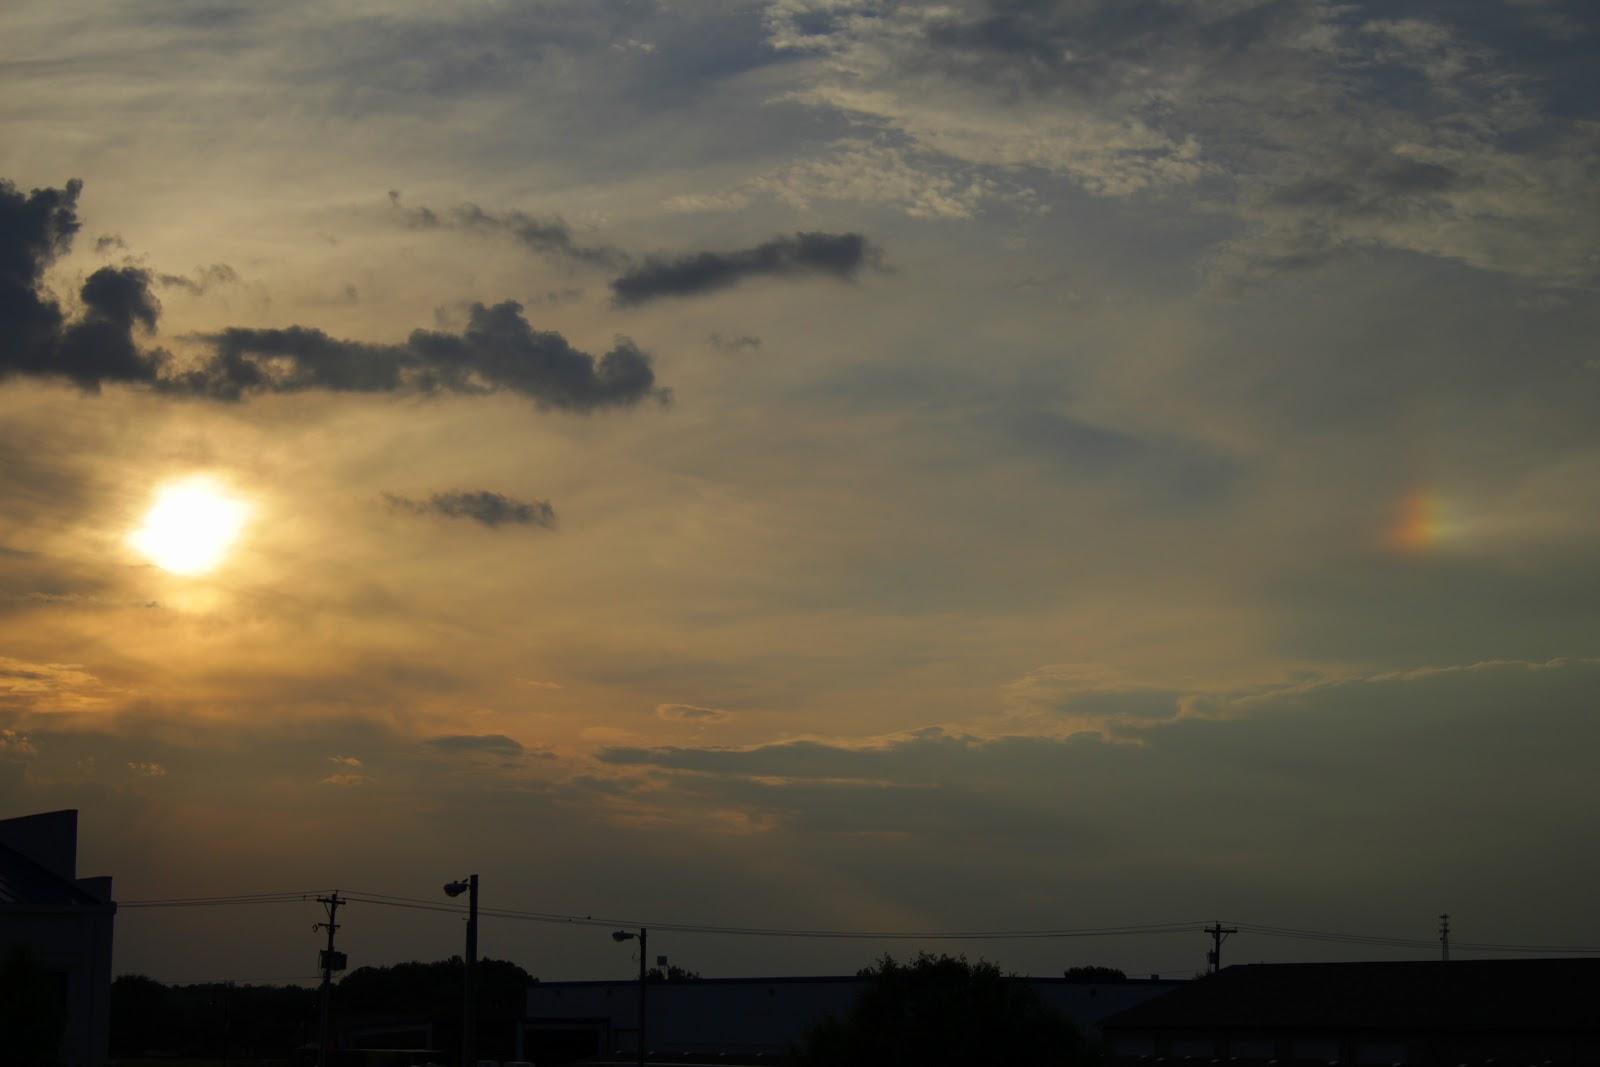 small rainbow near the sun